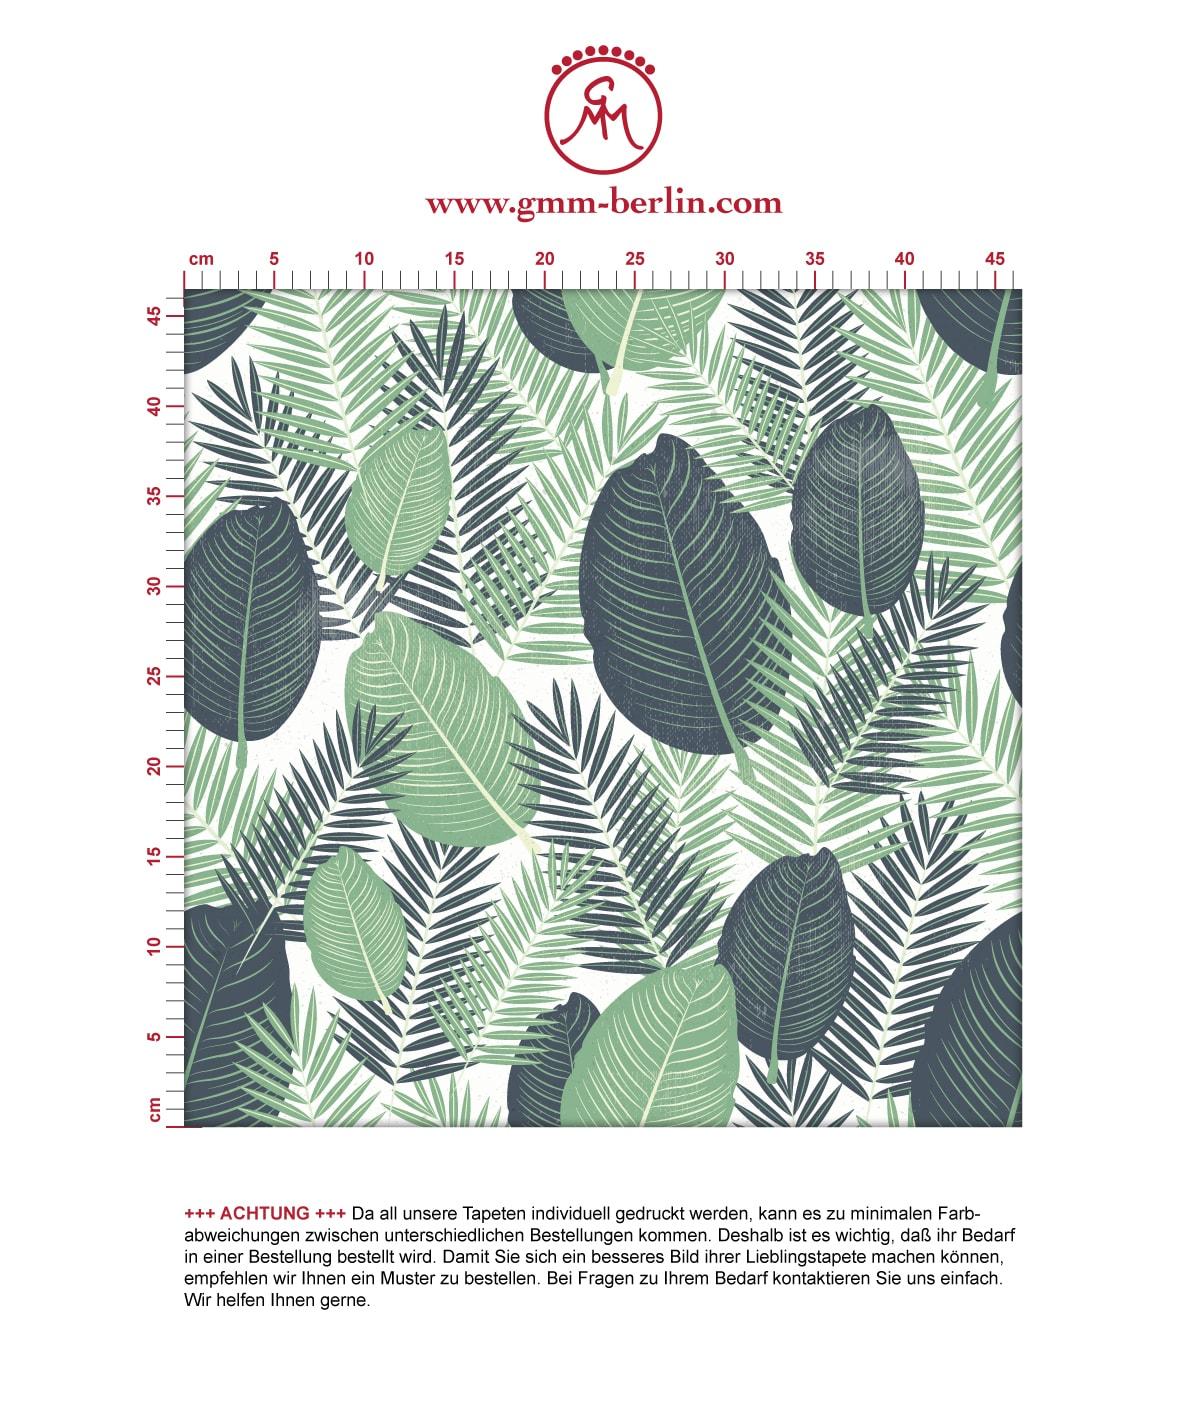 Üppige Dschungel Tapete mit großen Blättern, grün weiße Vlies Tapete, exotische moderne Wanddeko für Küche